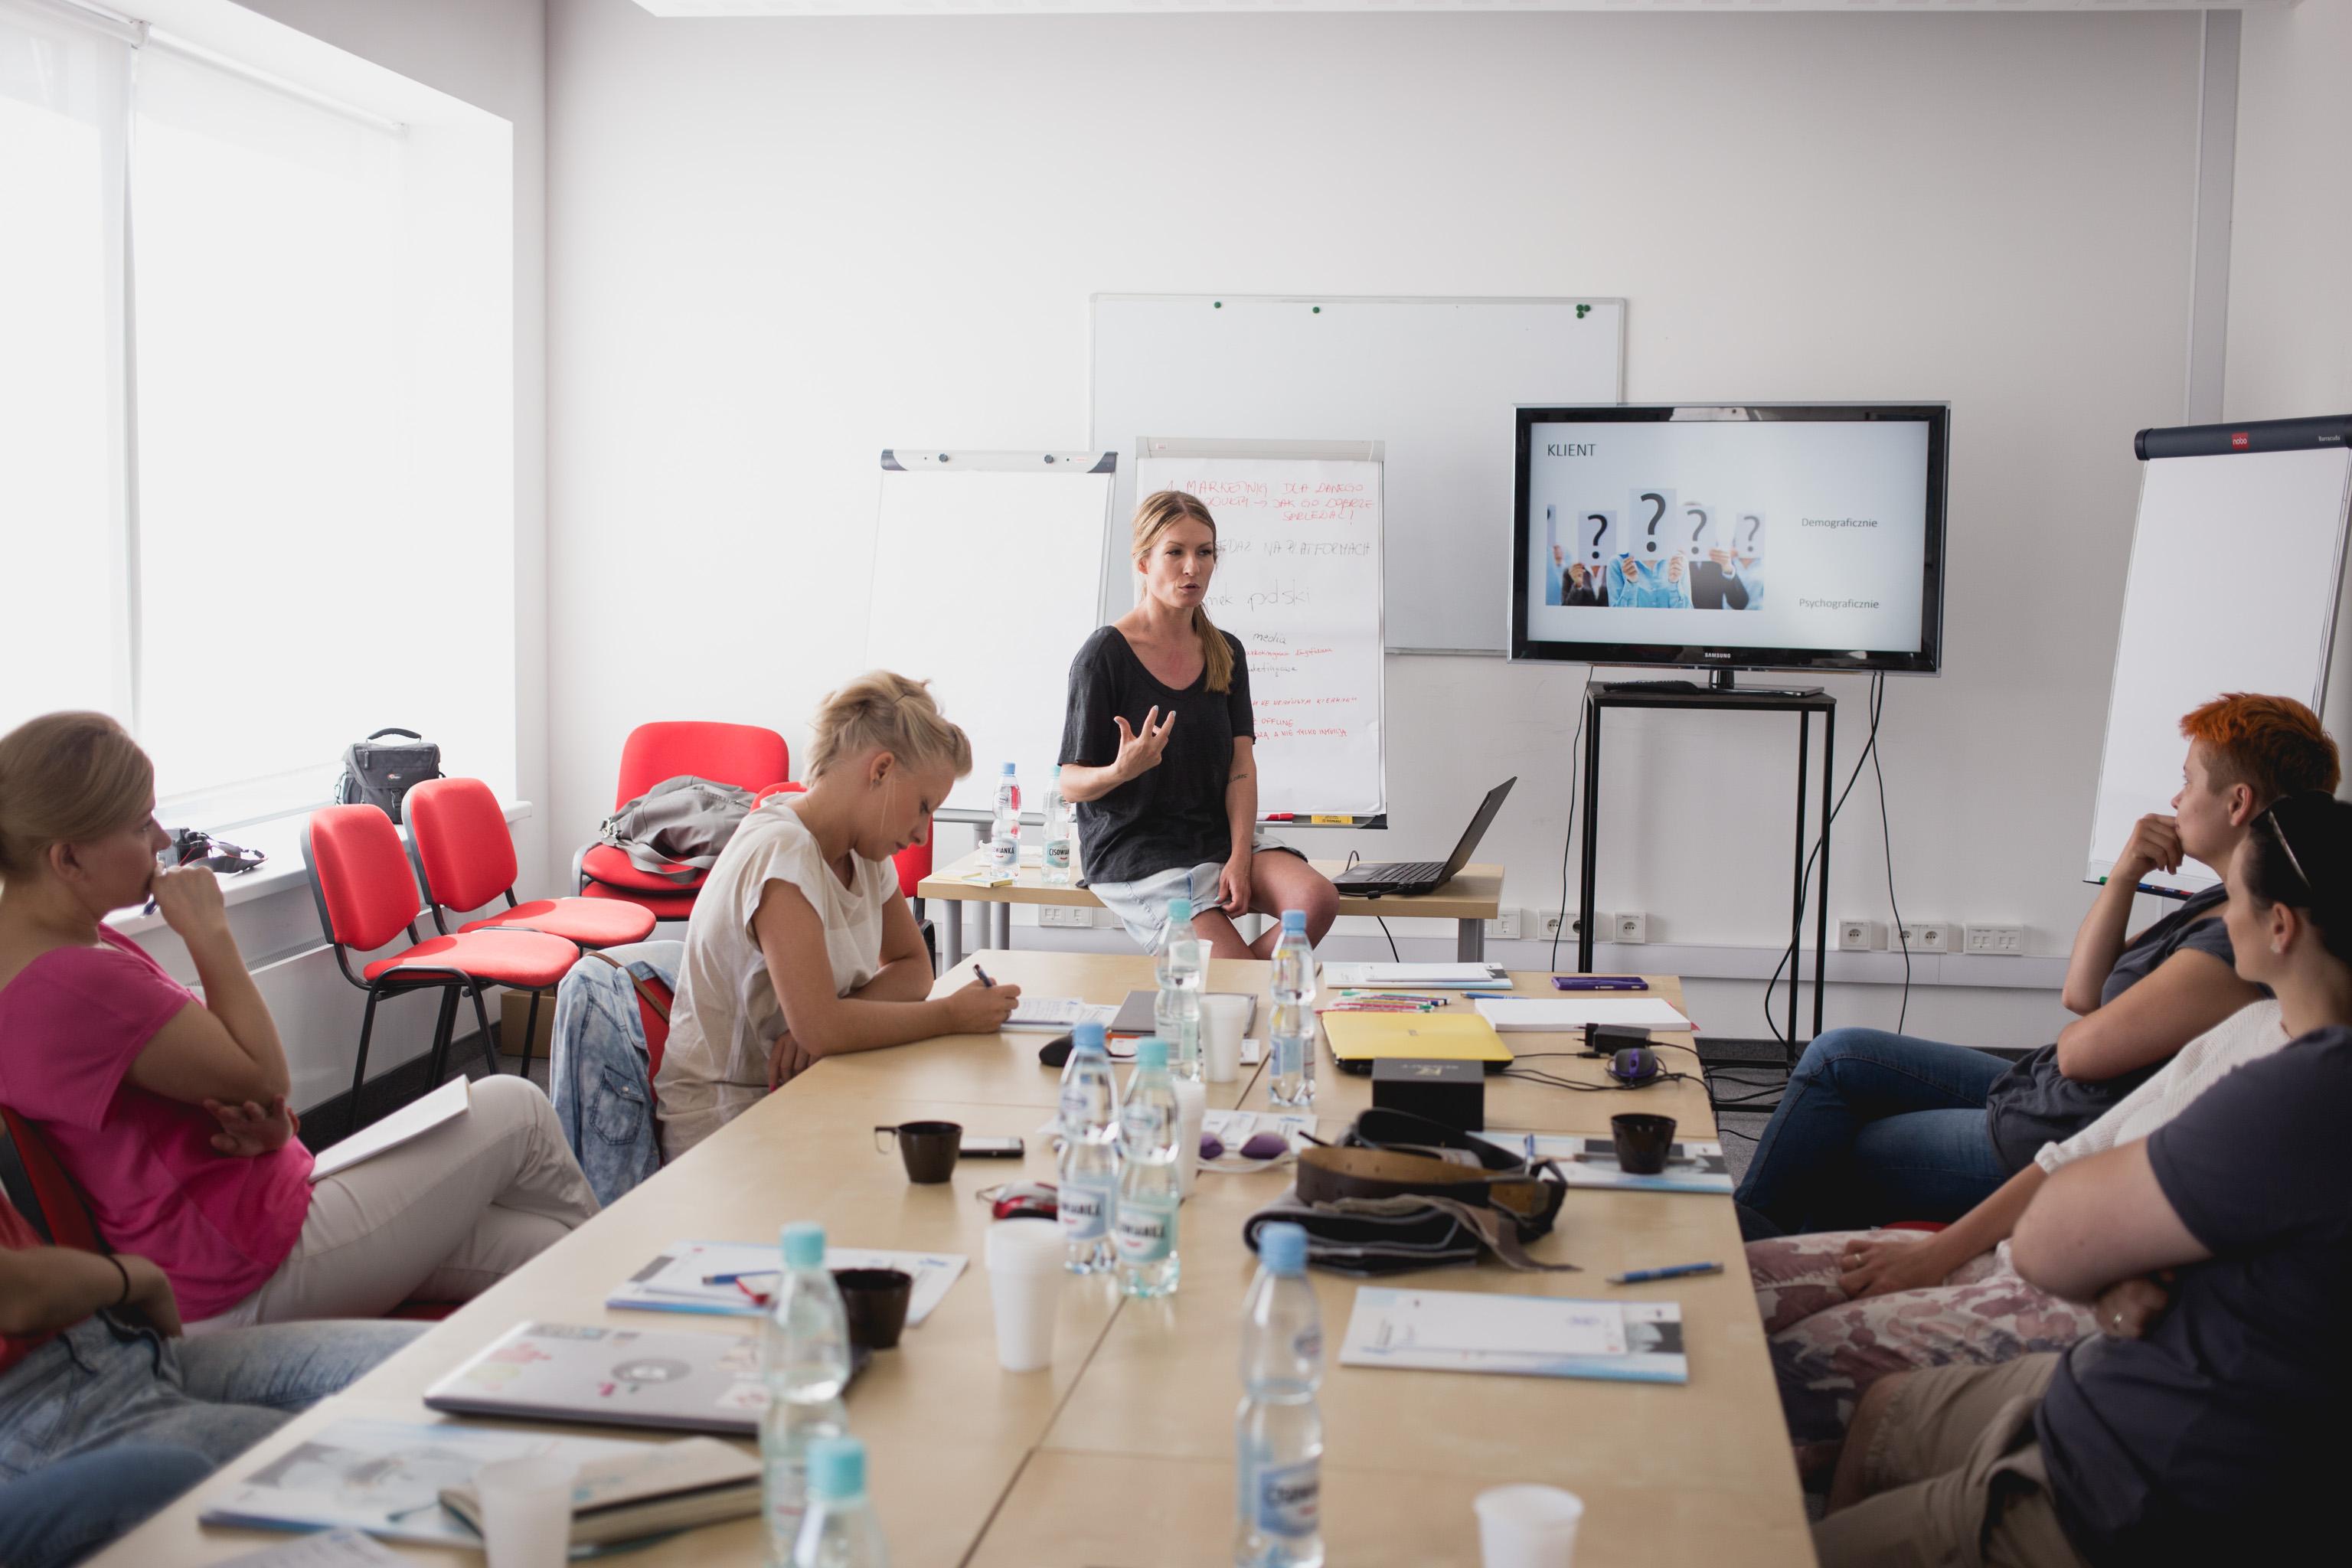 magazynkobiet.pl - Gdynia Kreatywna a - Bezpłatne szkolenia dla branży kreatywnej w Gdyni